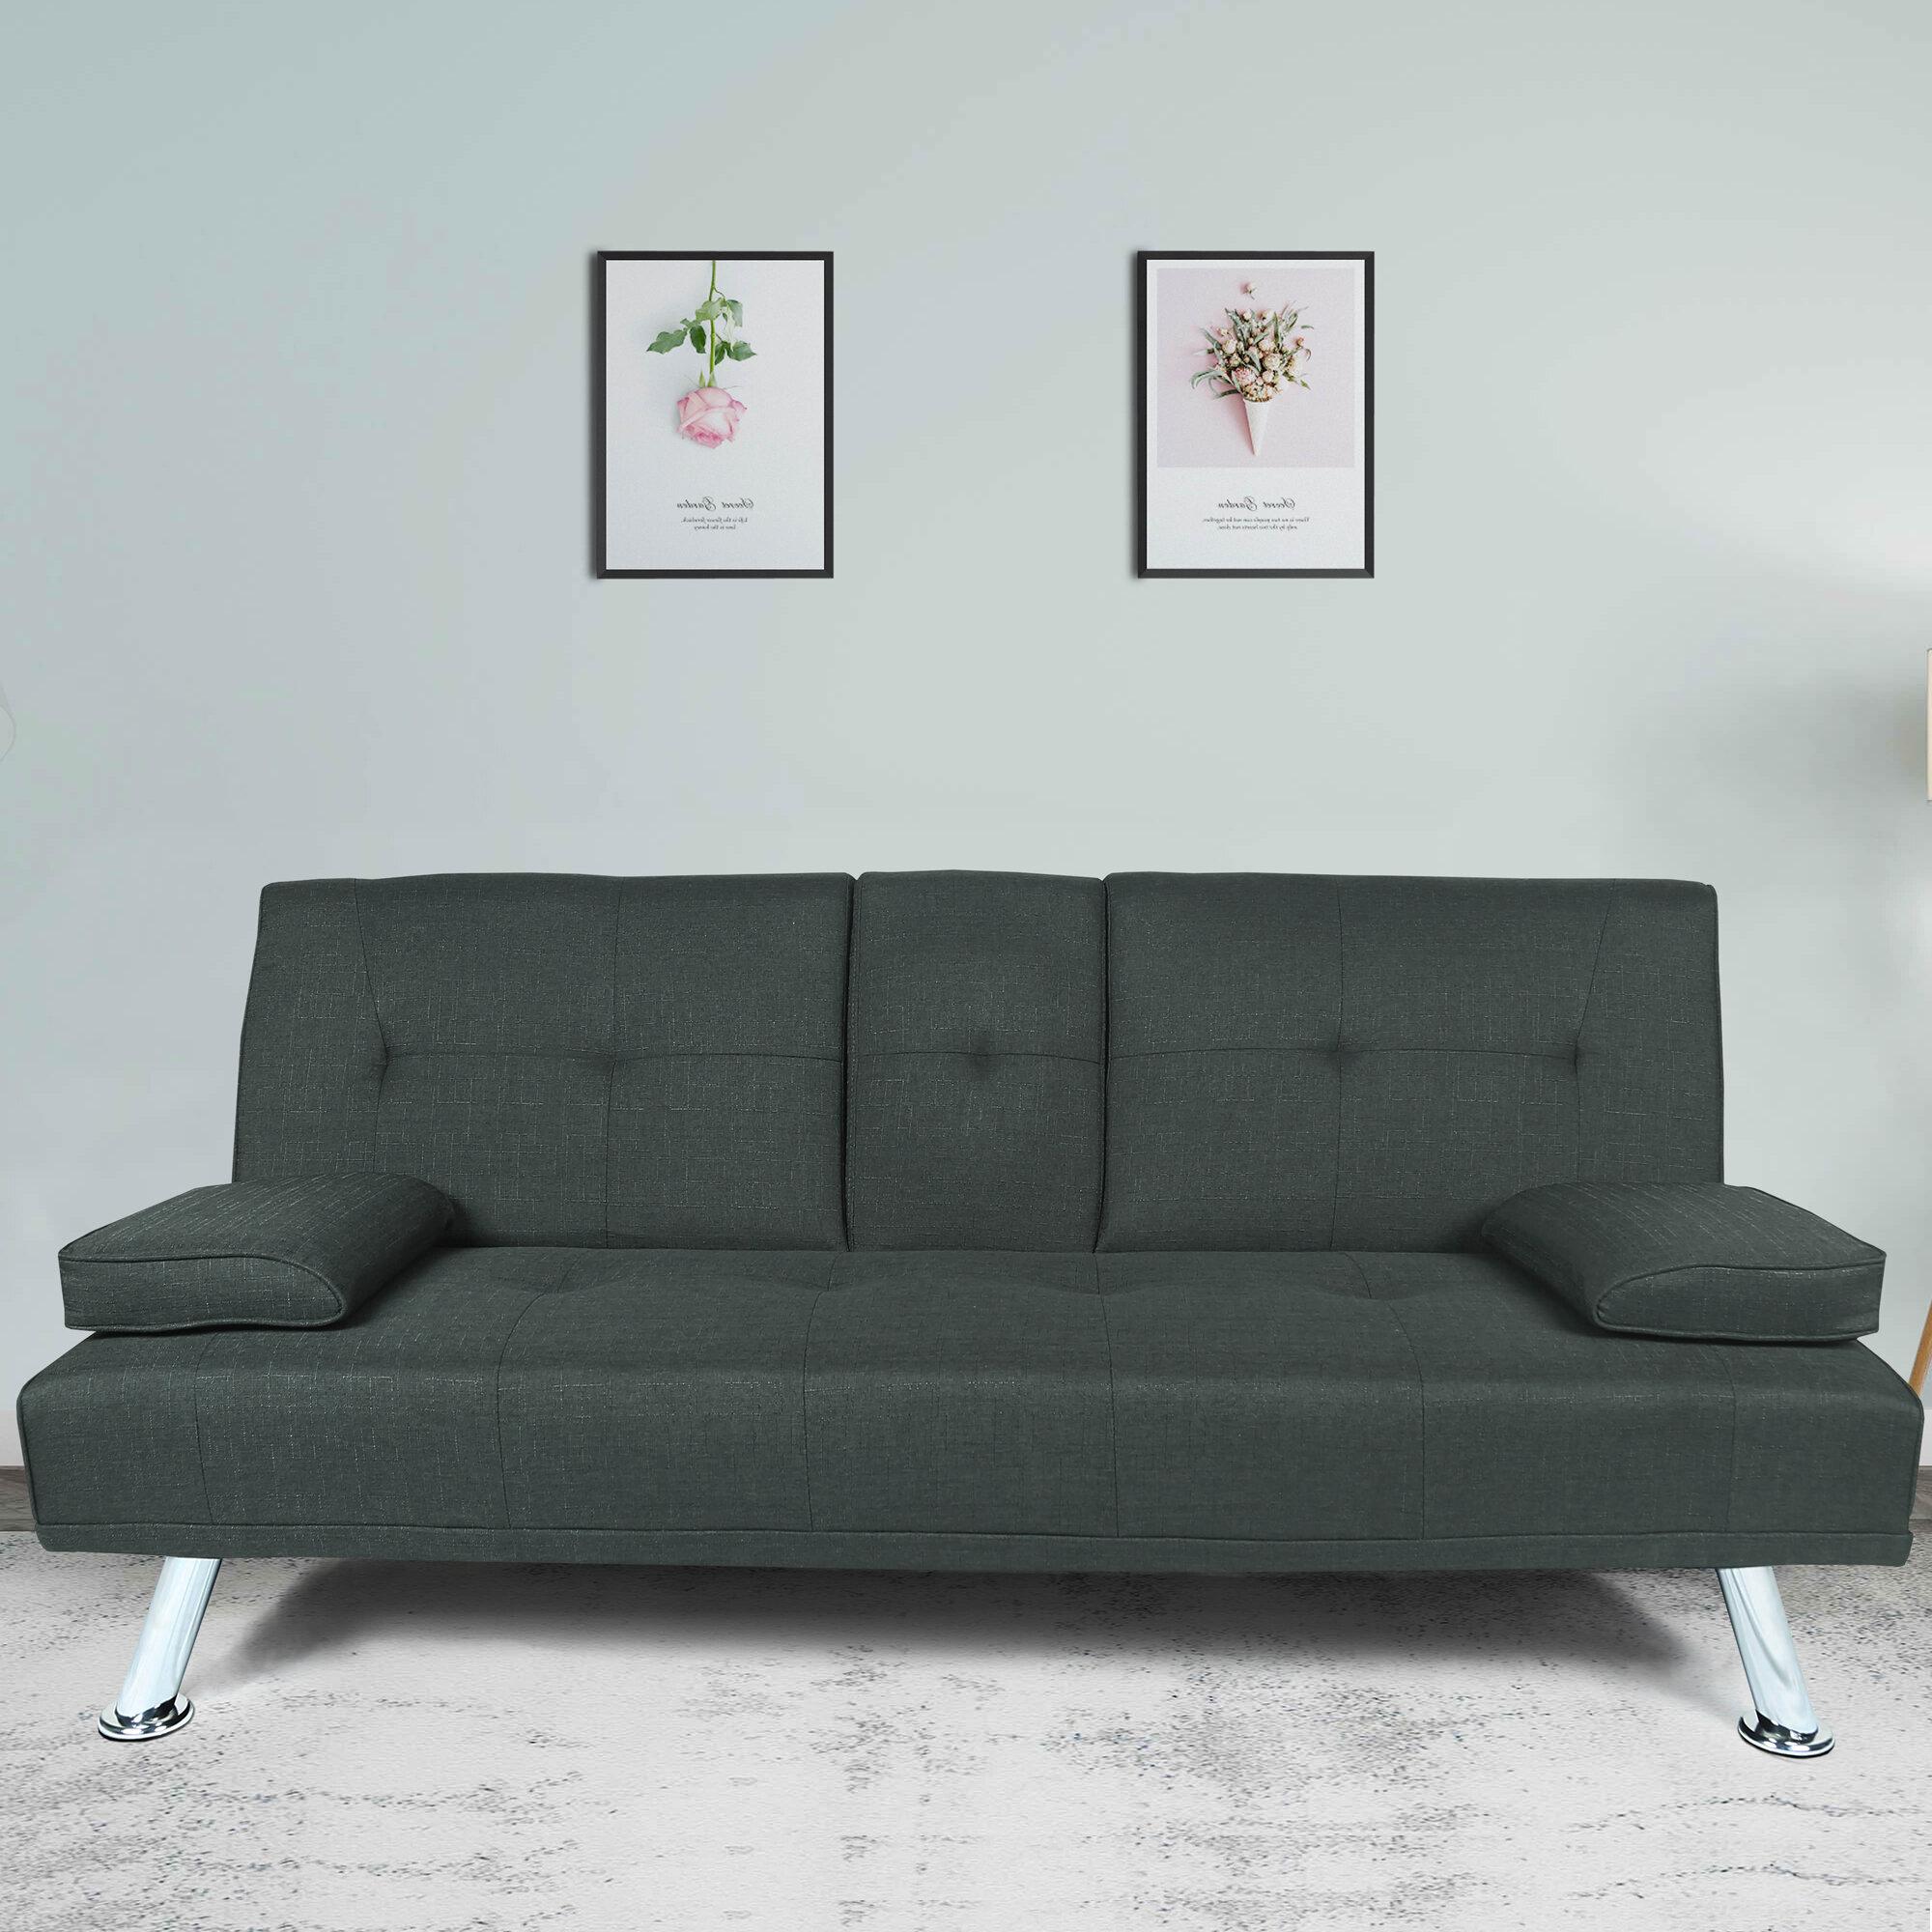 Brayden Studio Perrigo Twin Or Smaller Tufted Back Convertible Sofa Reviews Wayfair